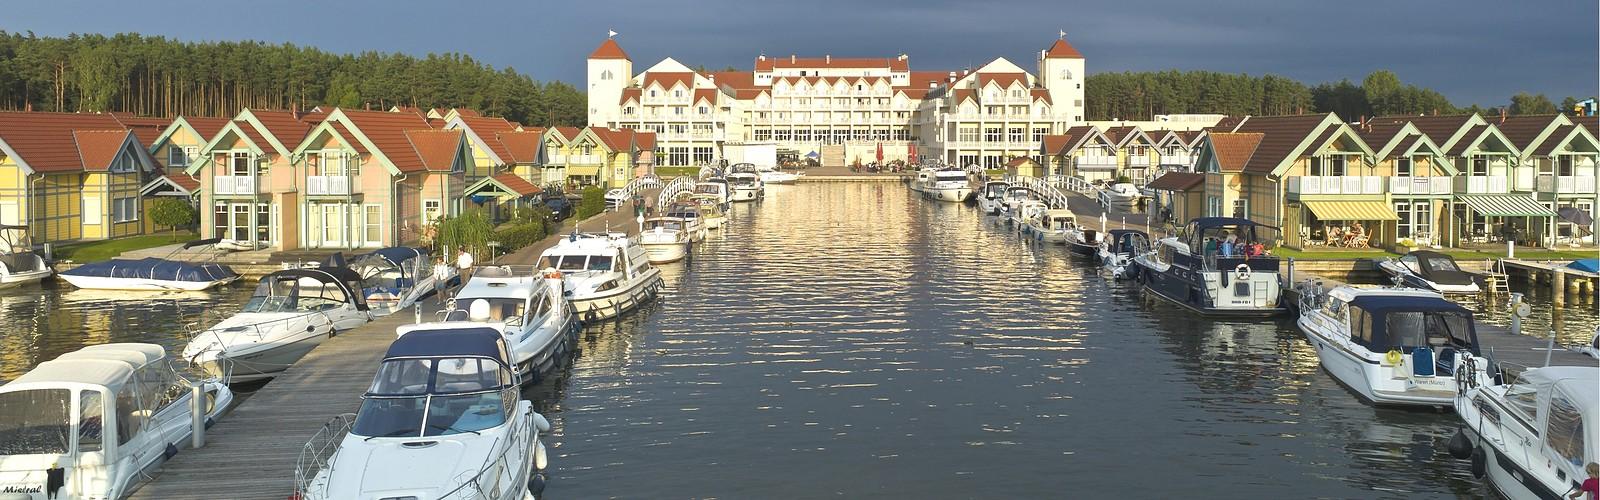 View of the Maritim Hafenhotel, photo: TMB Yorck Maecke